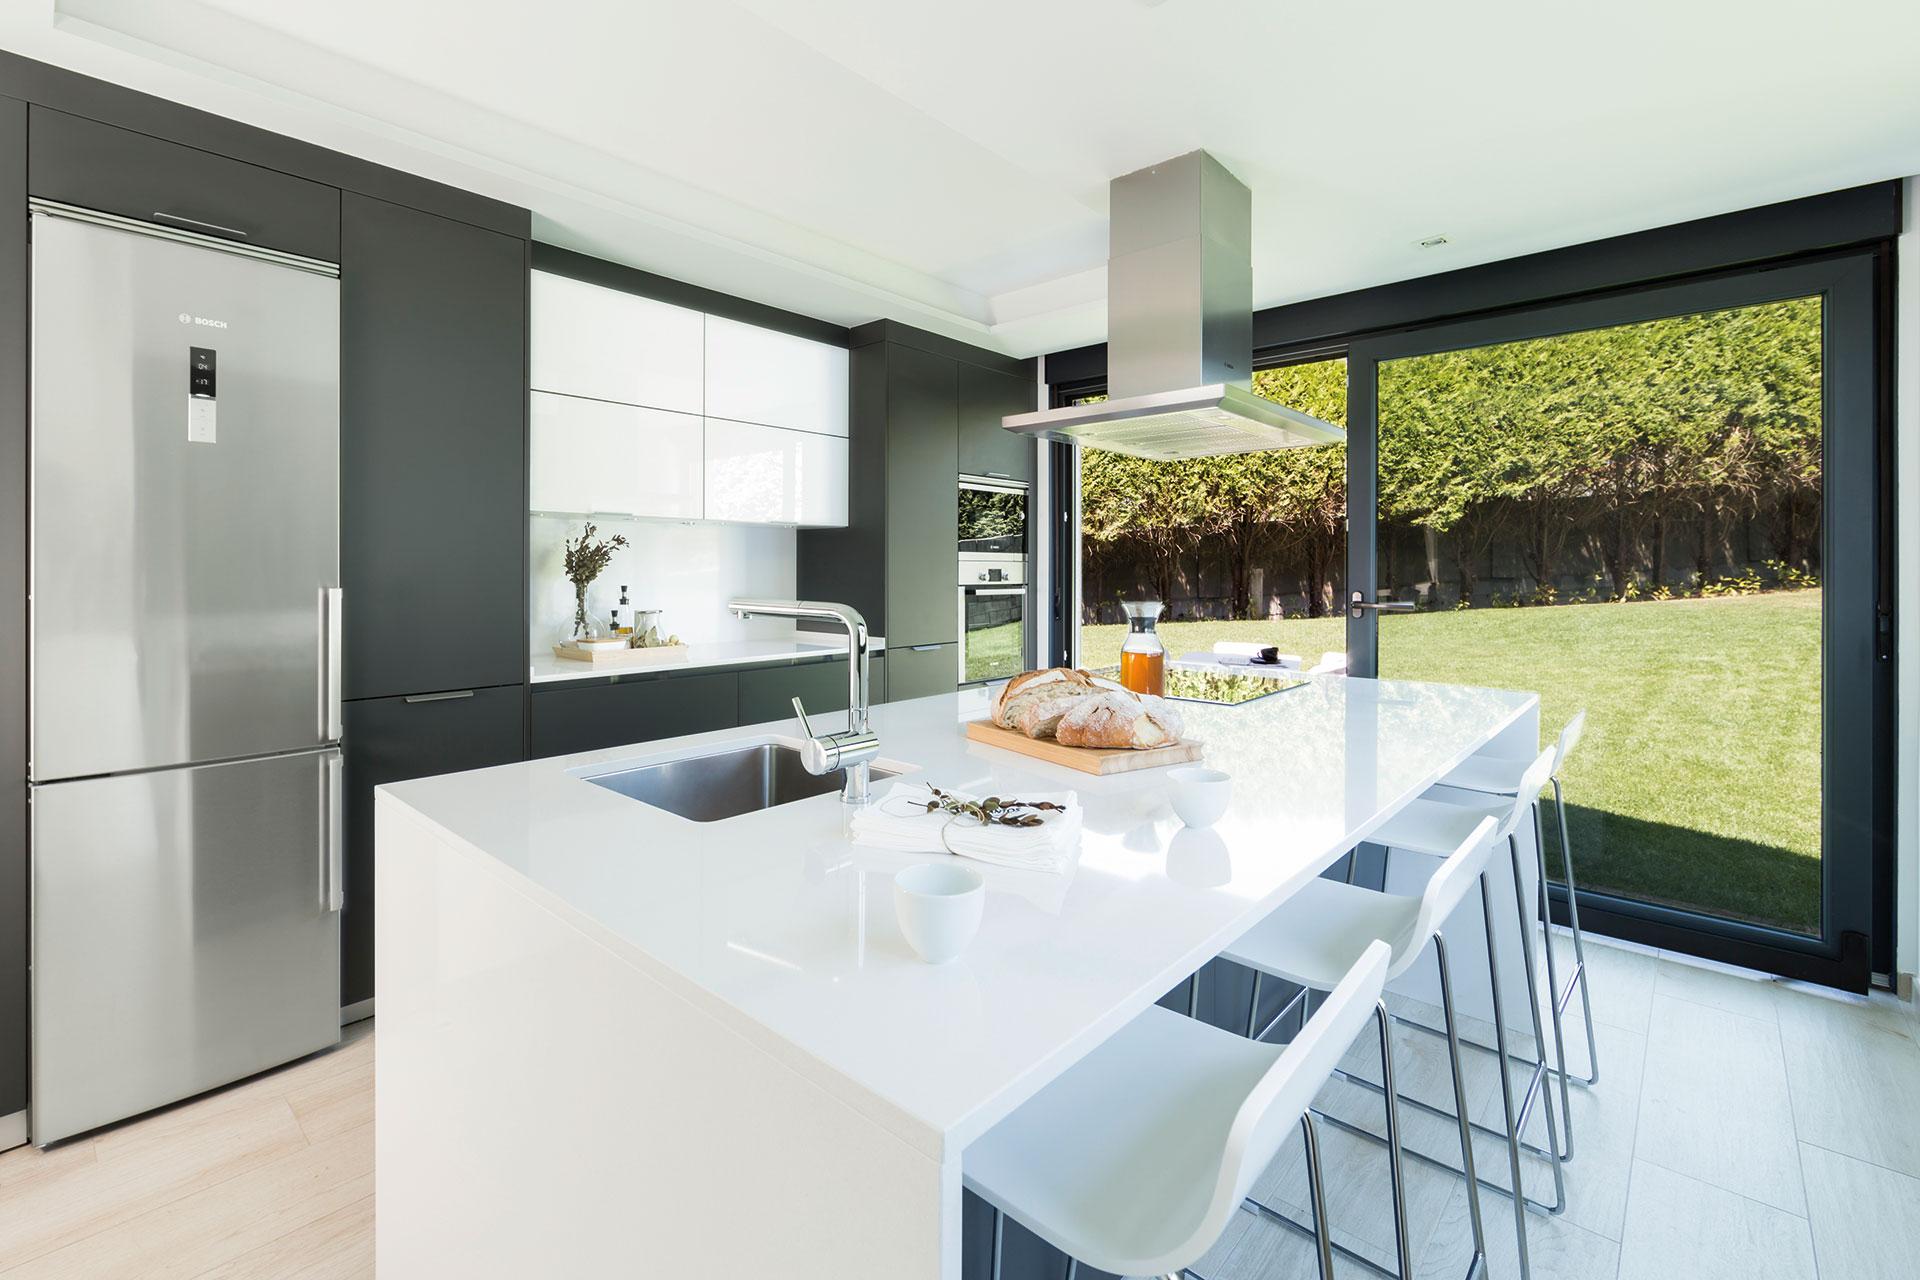 Orden En La Cocina Ideas Para Organizar El Interior De Los Muebles - Cocinas-l